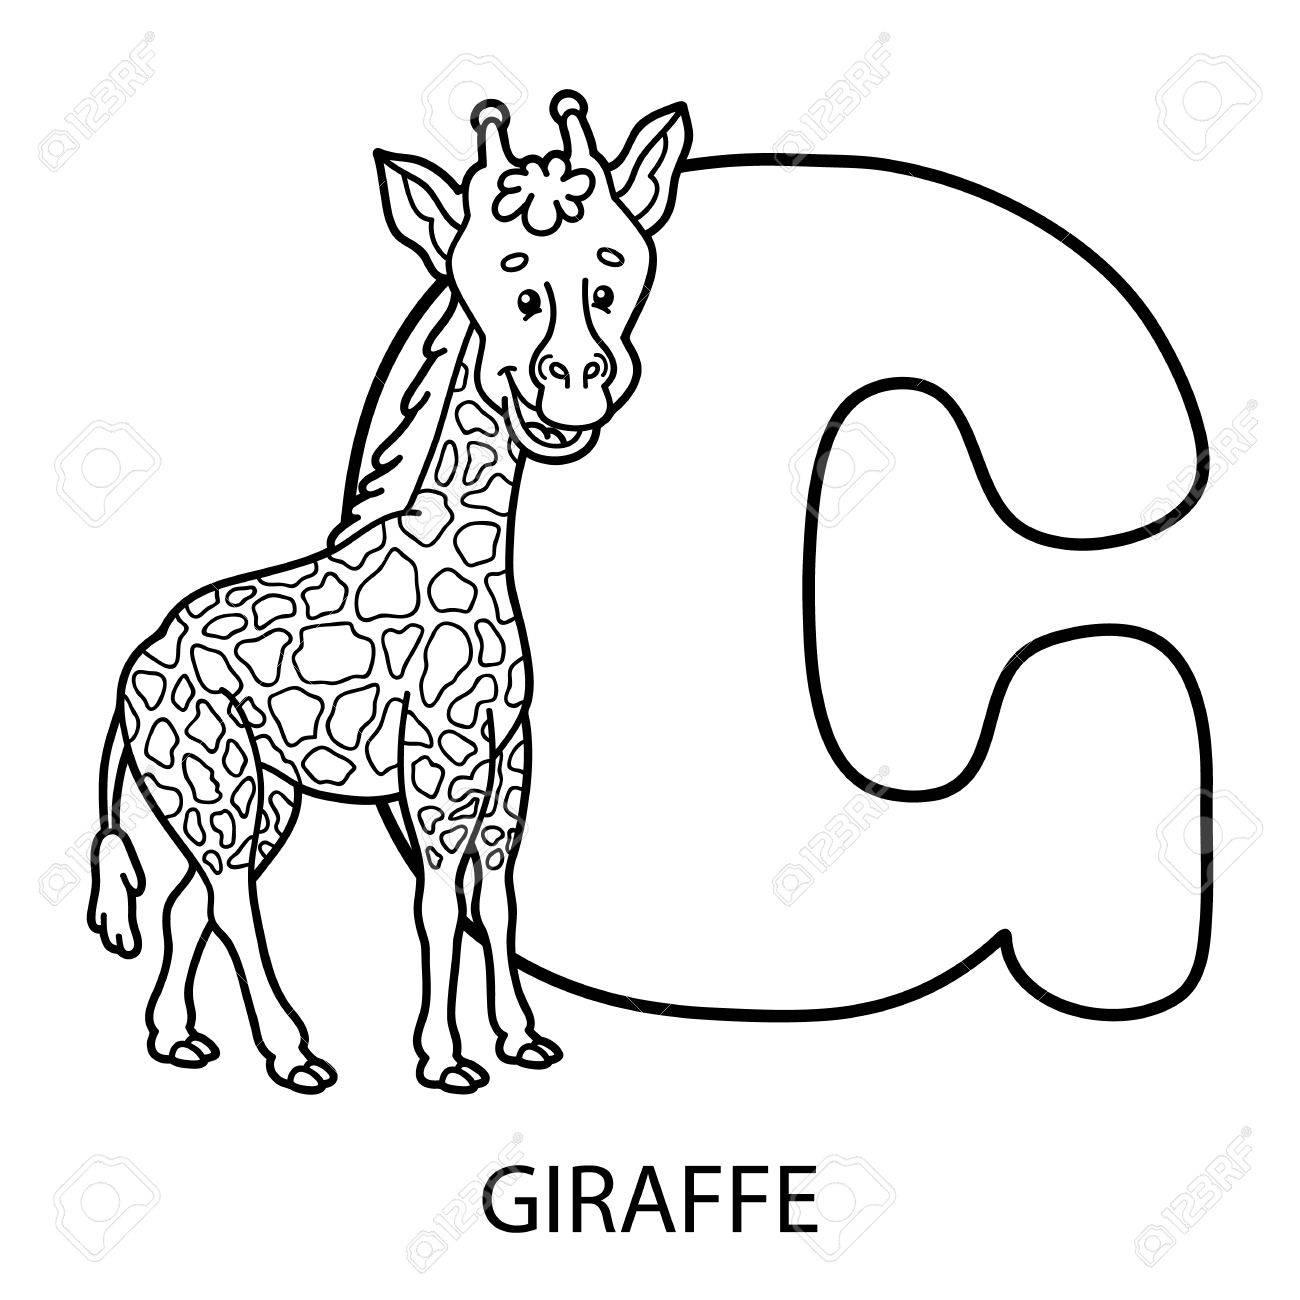 Animaux Coloriage alphabet. Vector illustration de l'éducation Coloriage  alphabet avec des animaux de bande dessinée pour les enfants